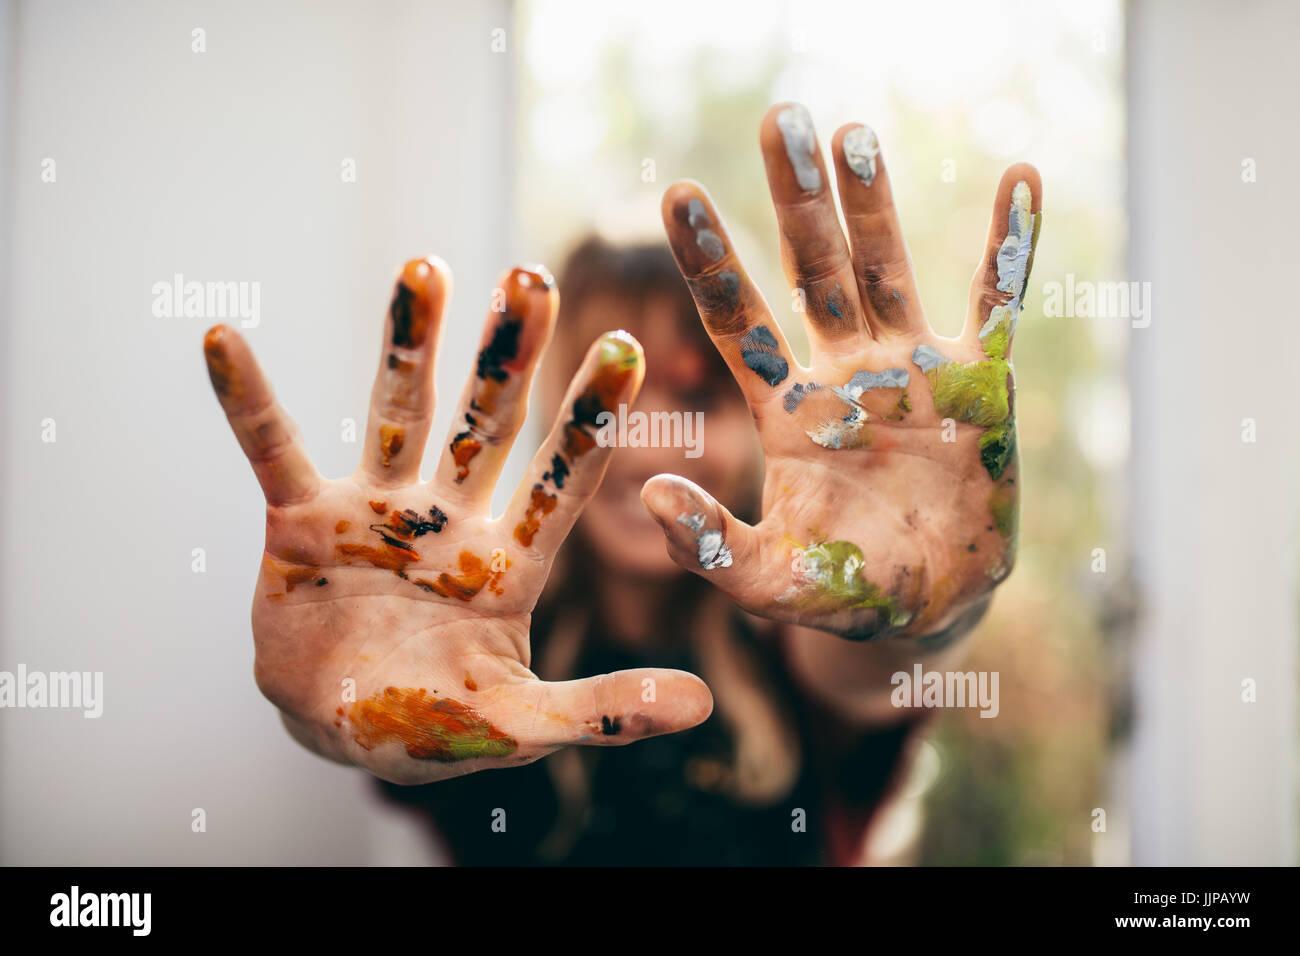 Close up di artista femminile che mostra il suo confuso le mani. Concentrarsi sulle mani di donna pittore con colori. Immagini Stock